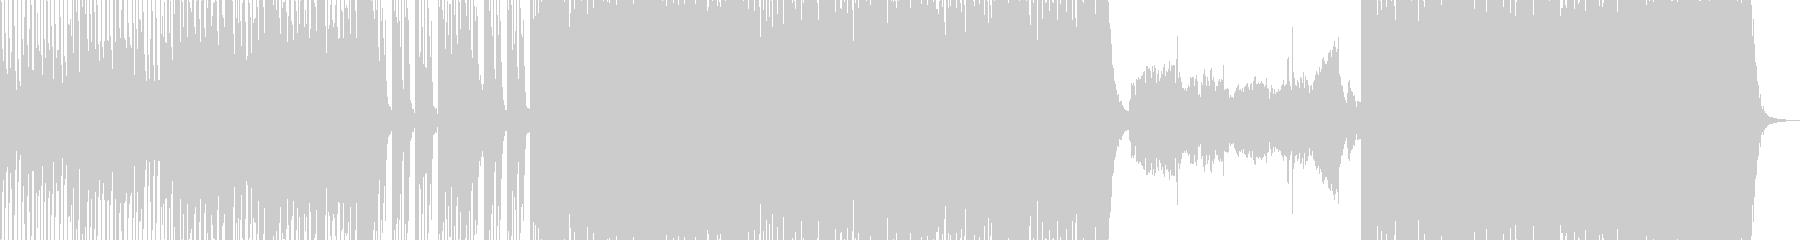 ダンサブルな和風三味線曲の未再生の波形